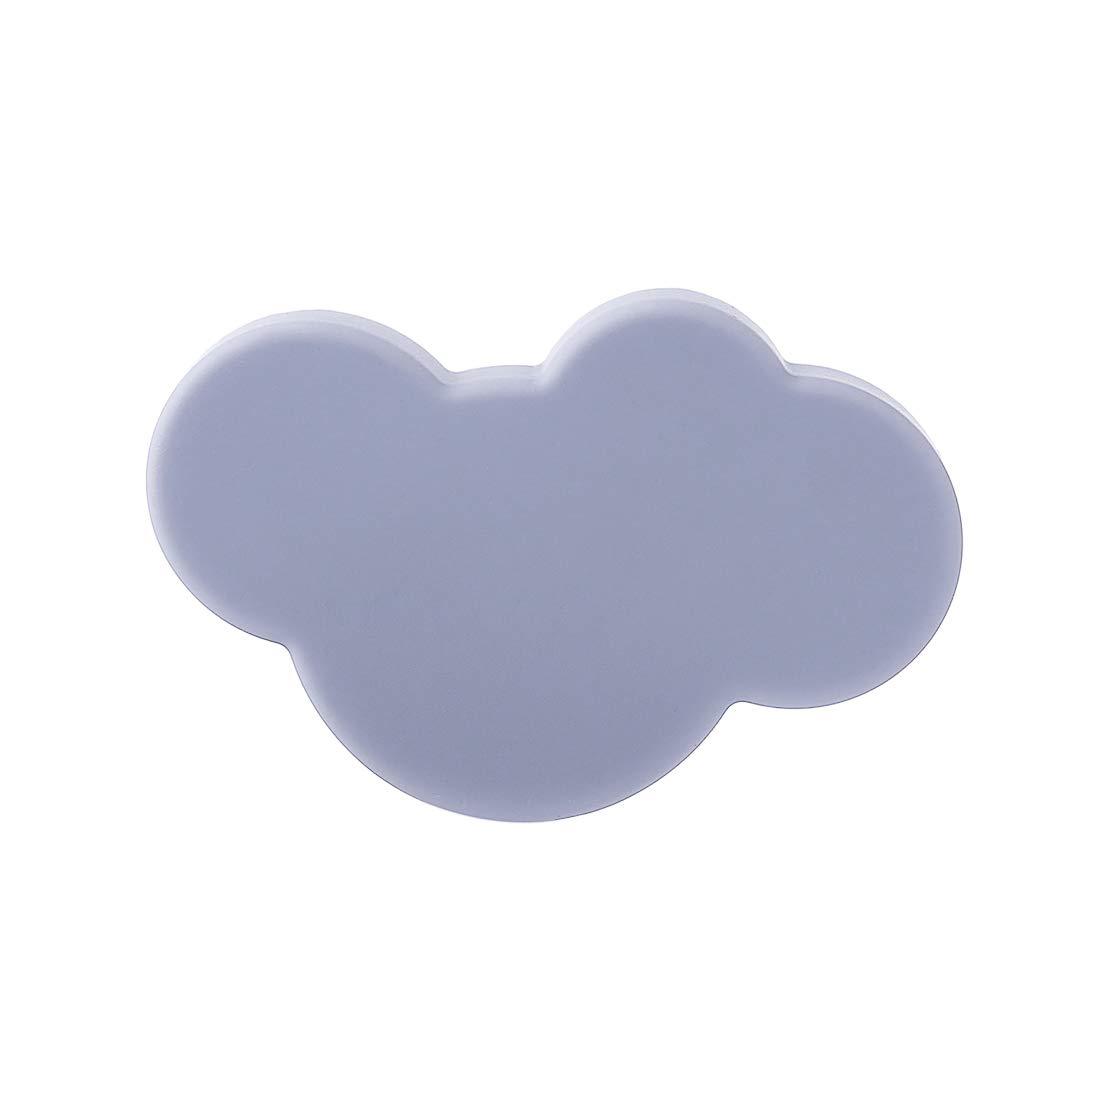 Forma de Nube Giplar 10 Piezas Pomos PVC Pomos y Tiradores Infantiles 54x36x23mm